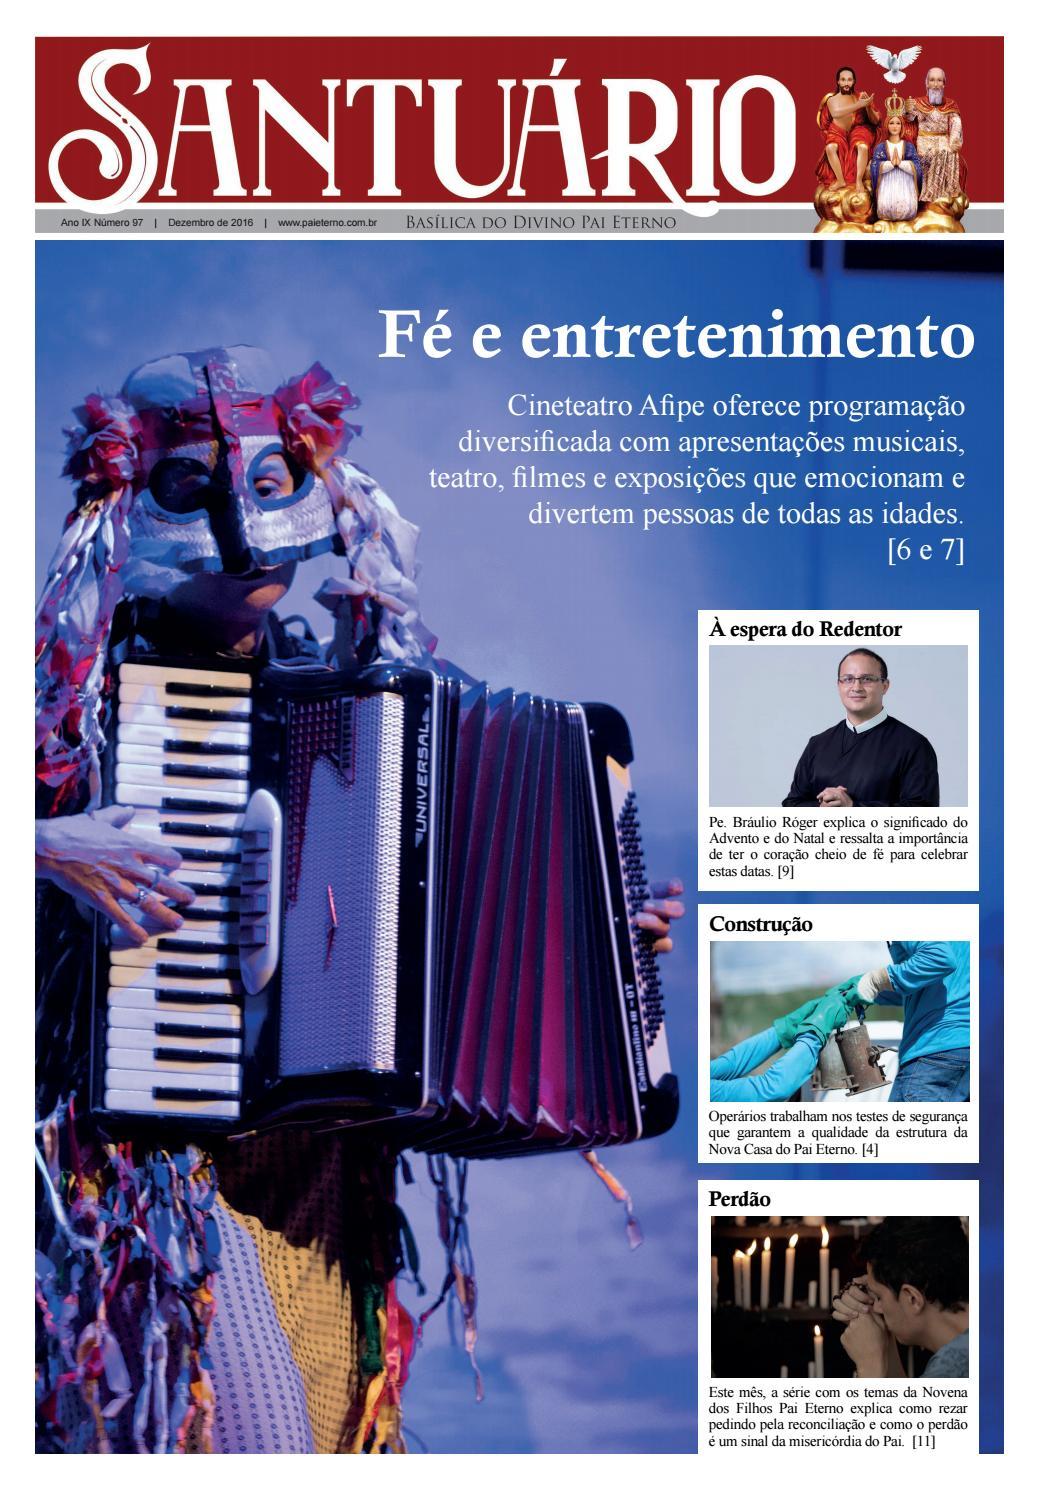 Jornal Santuario Dez 2016 By Santuario Basilica Do Divino Pai